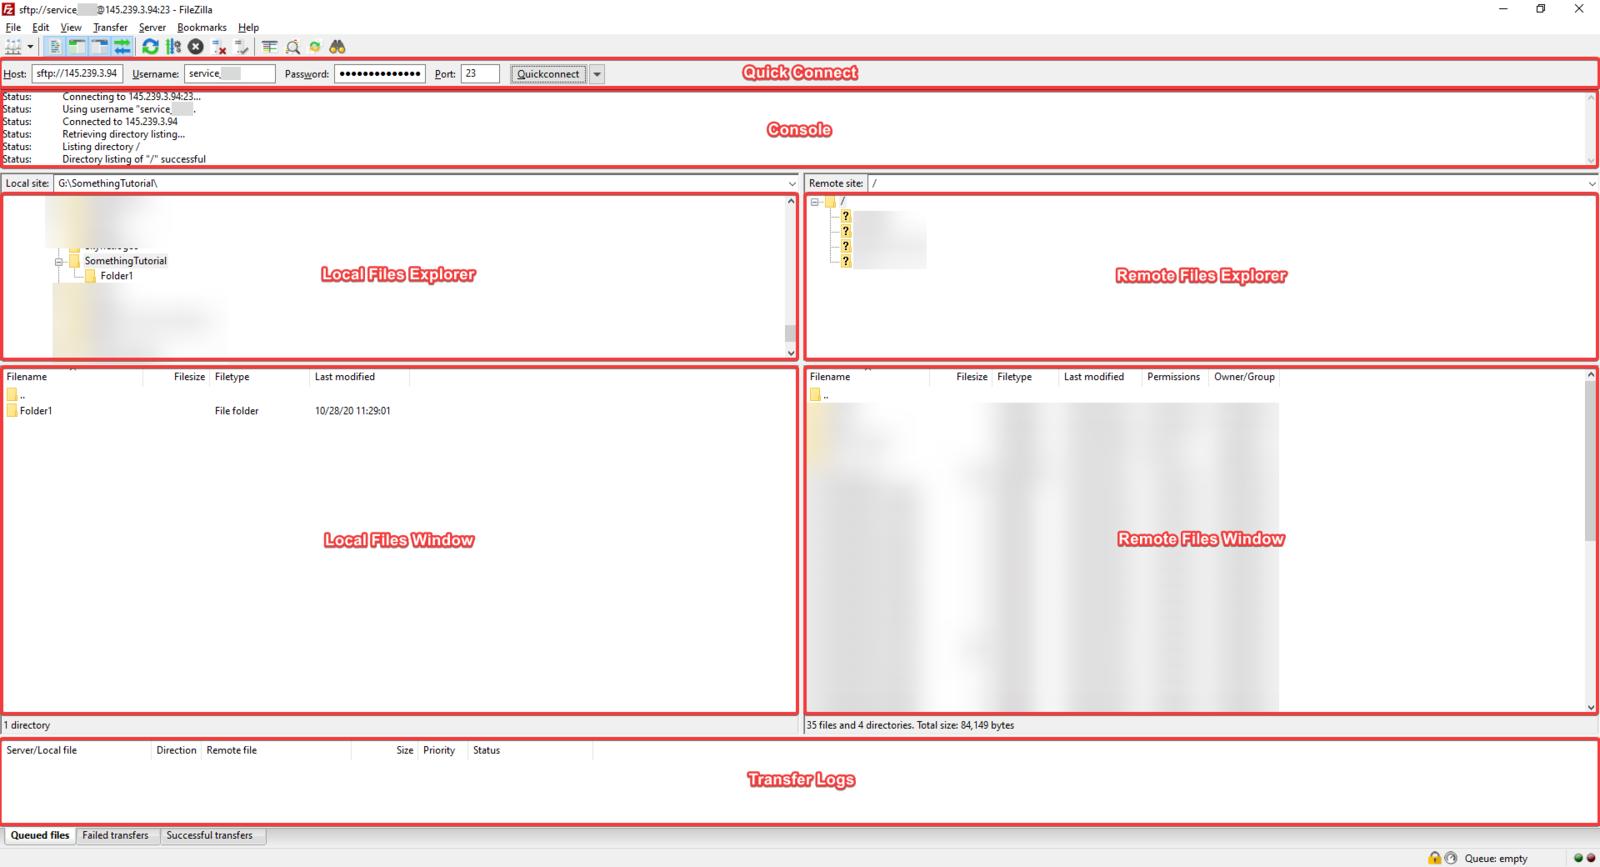 FileZilla's window layout